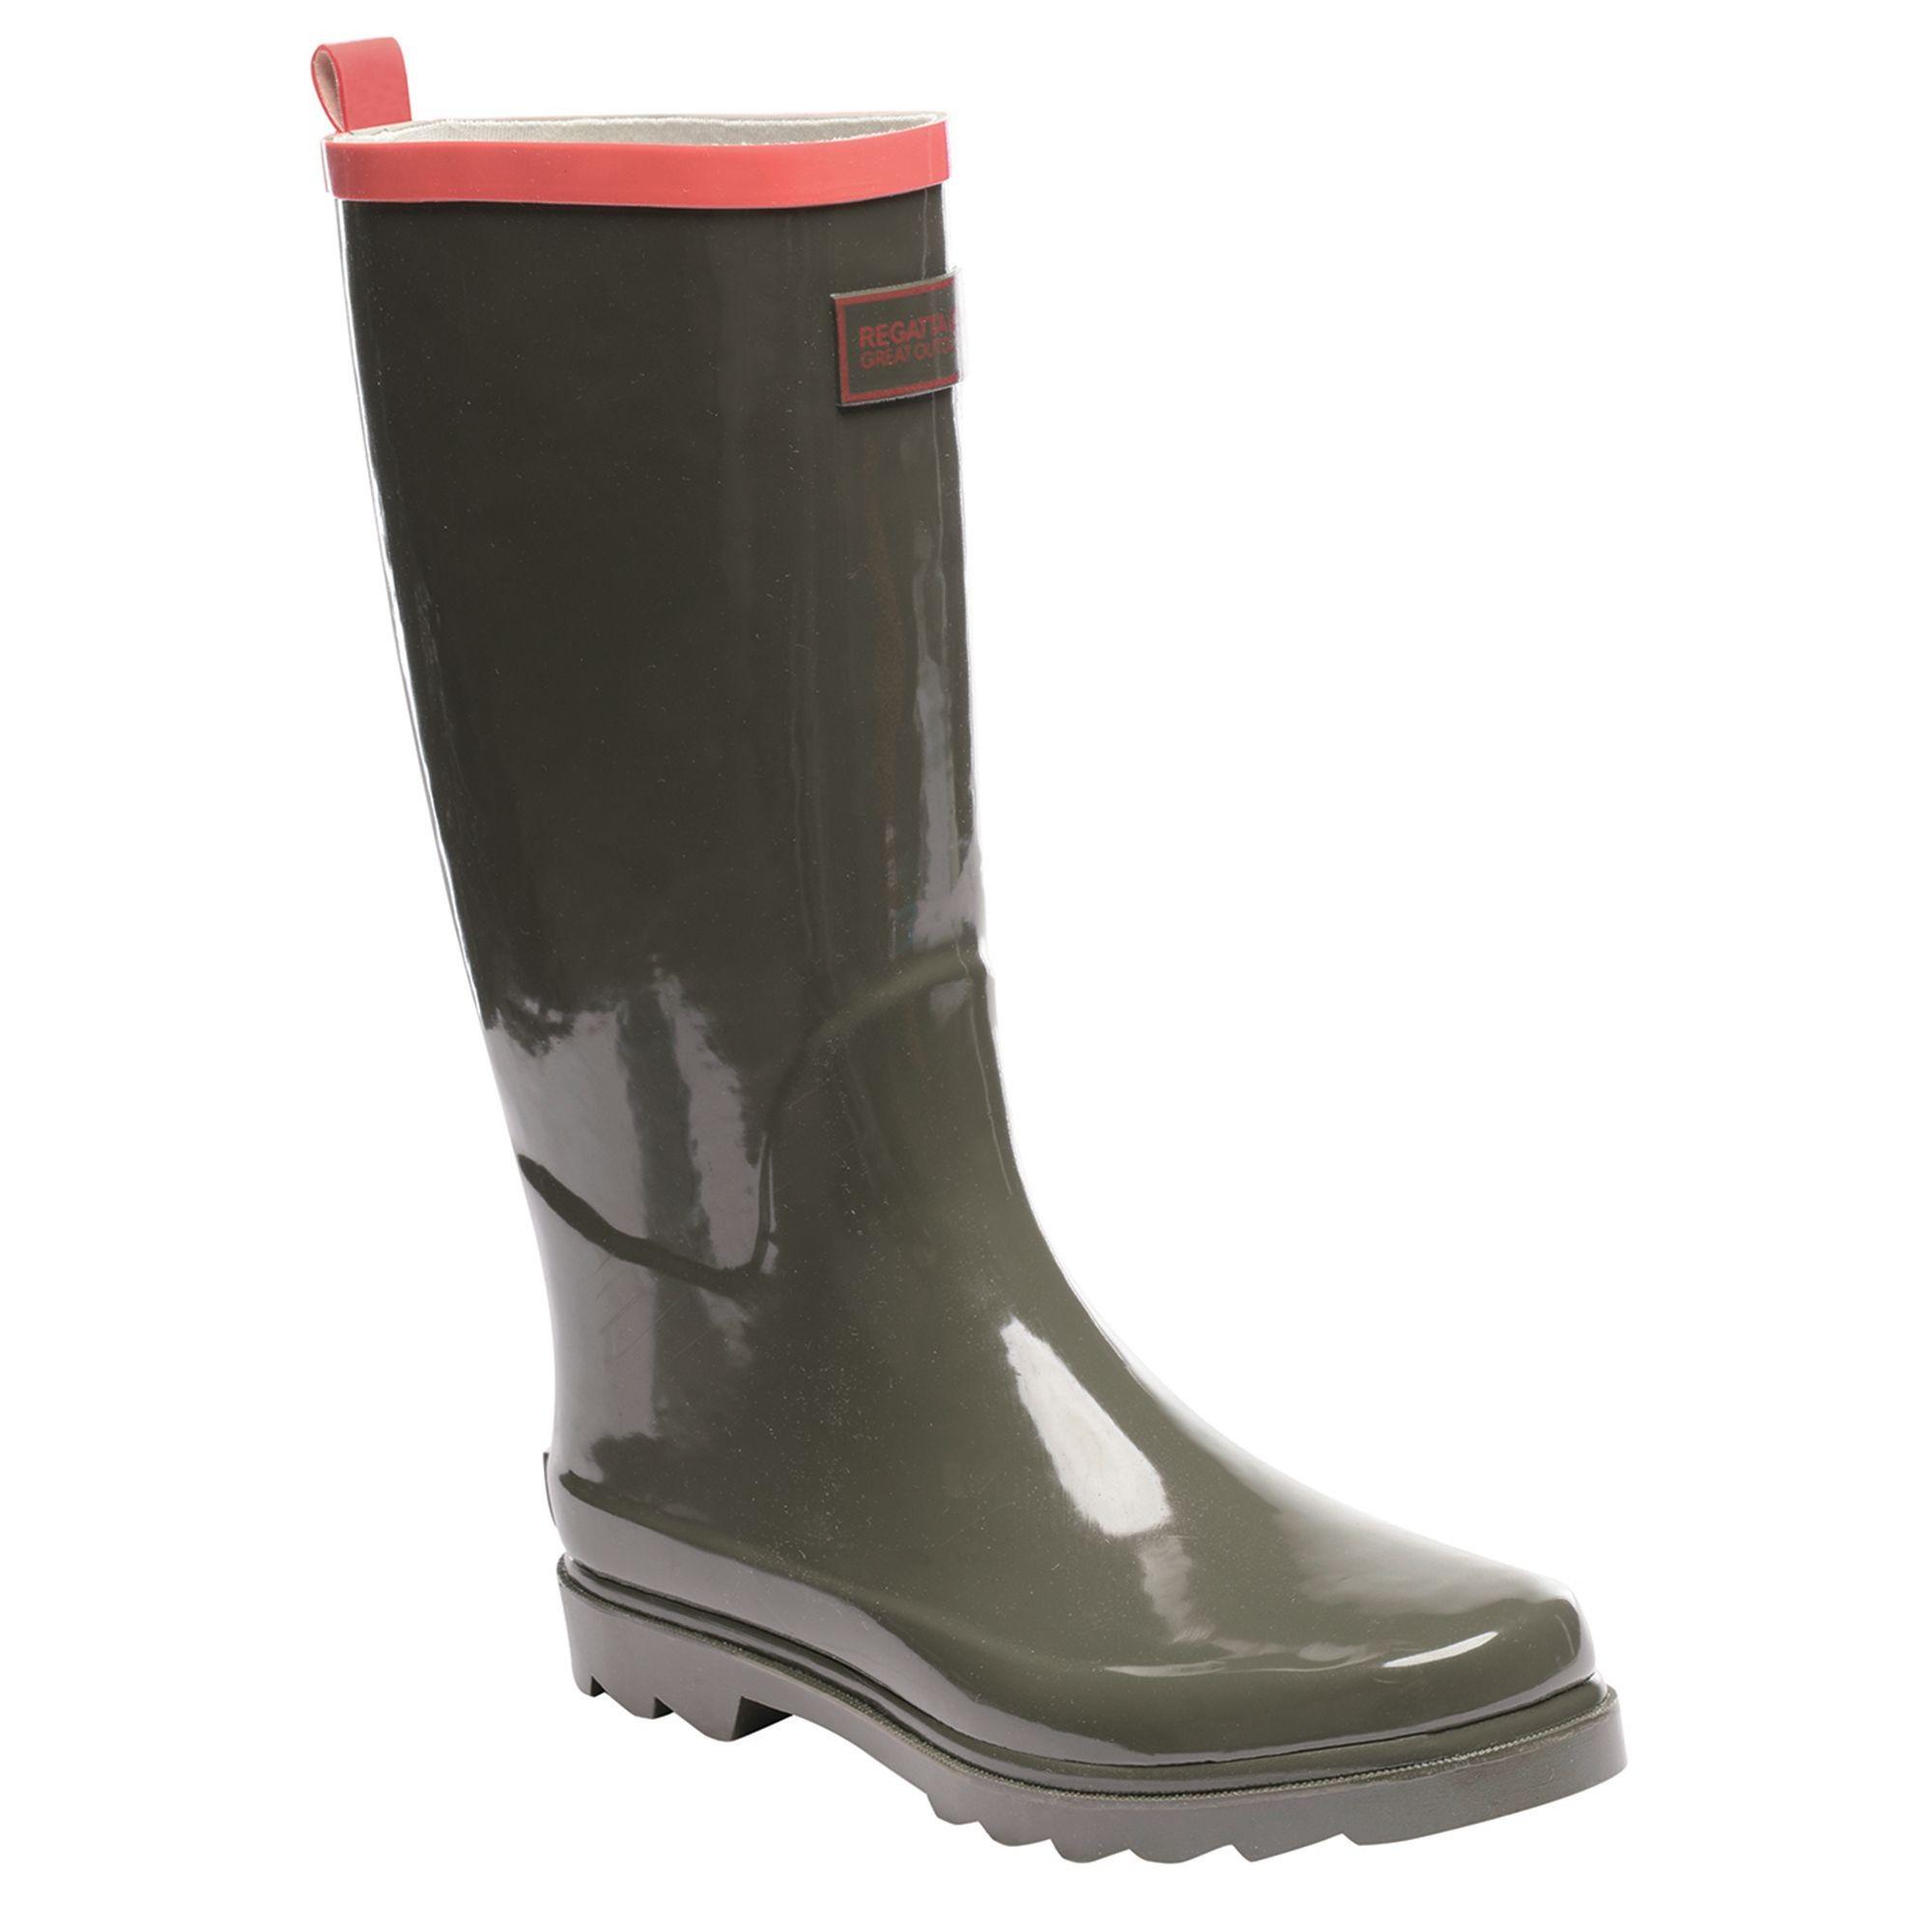 chaussures de séparation 3ea06 14f02 Details about Regatta Fairweather - Bottes de pluie - Femme (RG1007)